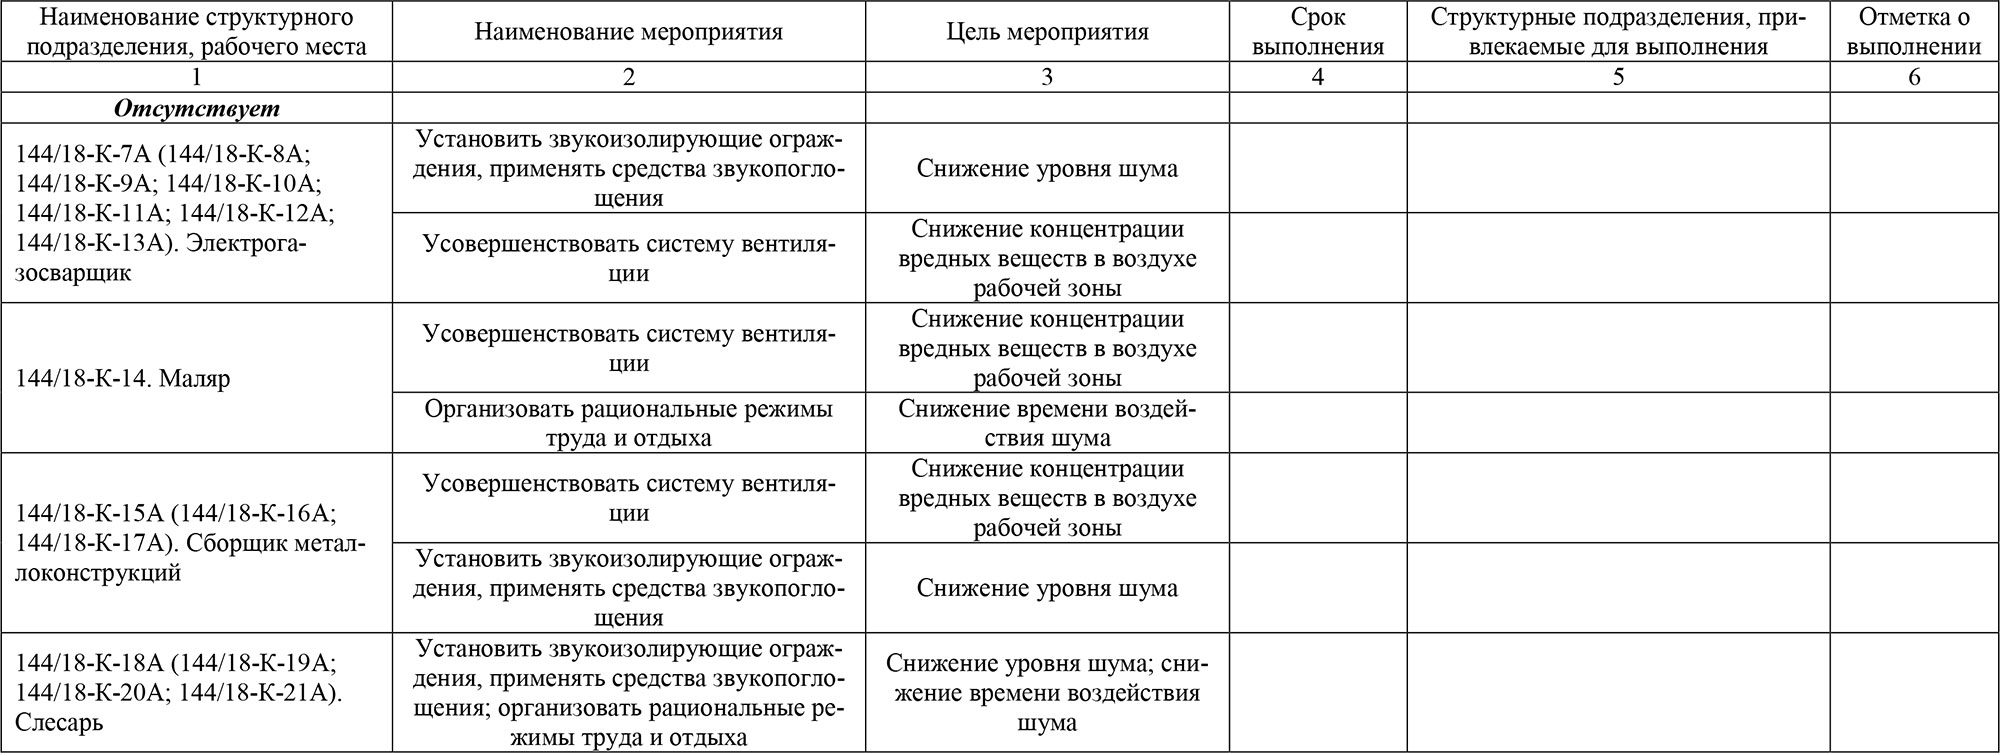 Перечень рекомендуемых мероприятий по улучшению условий труда